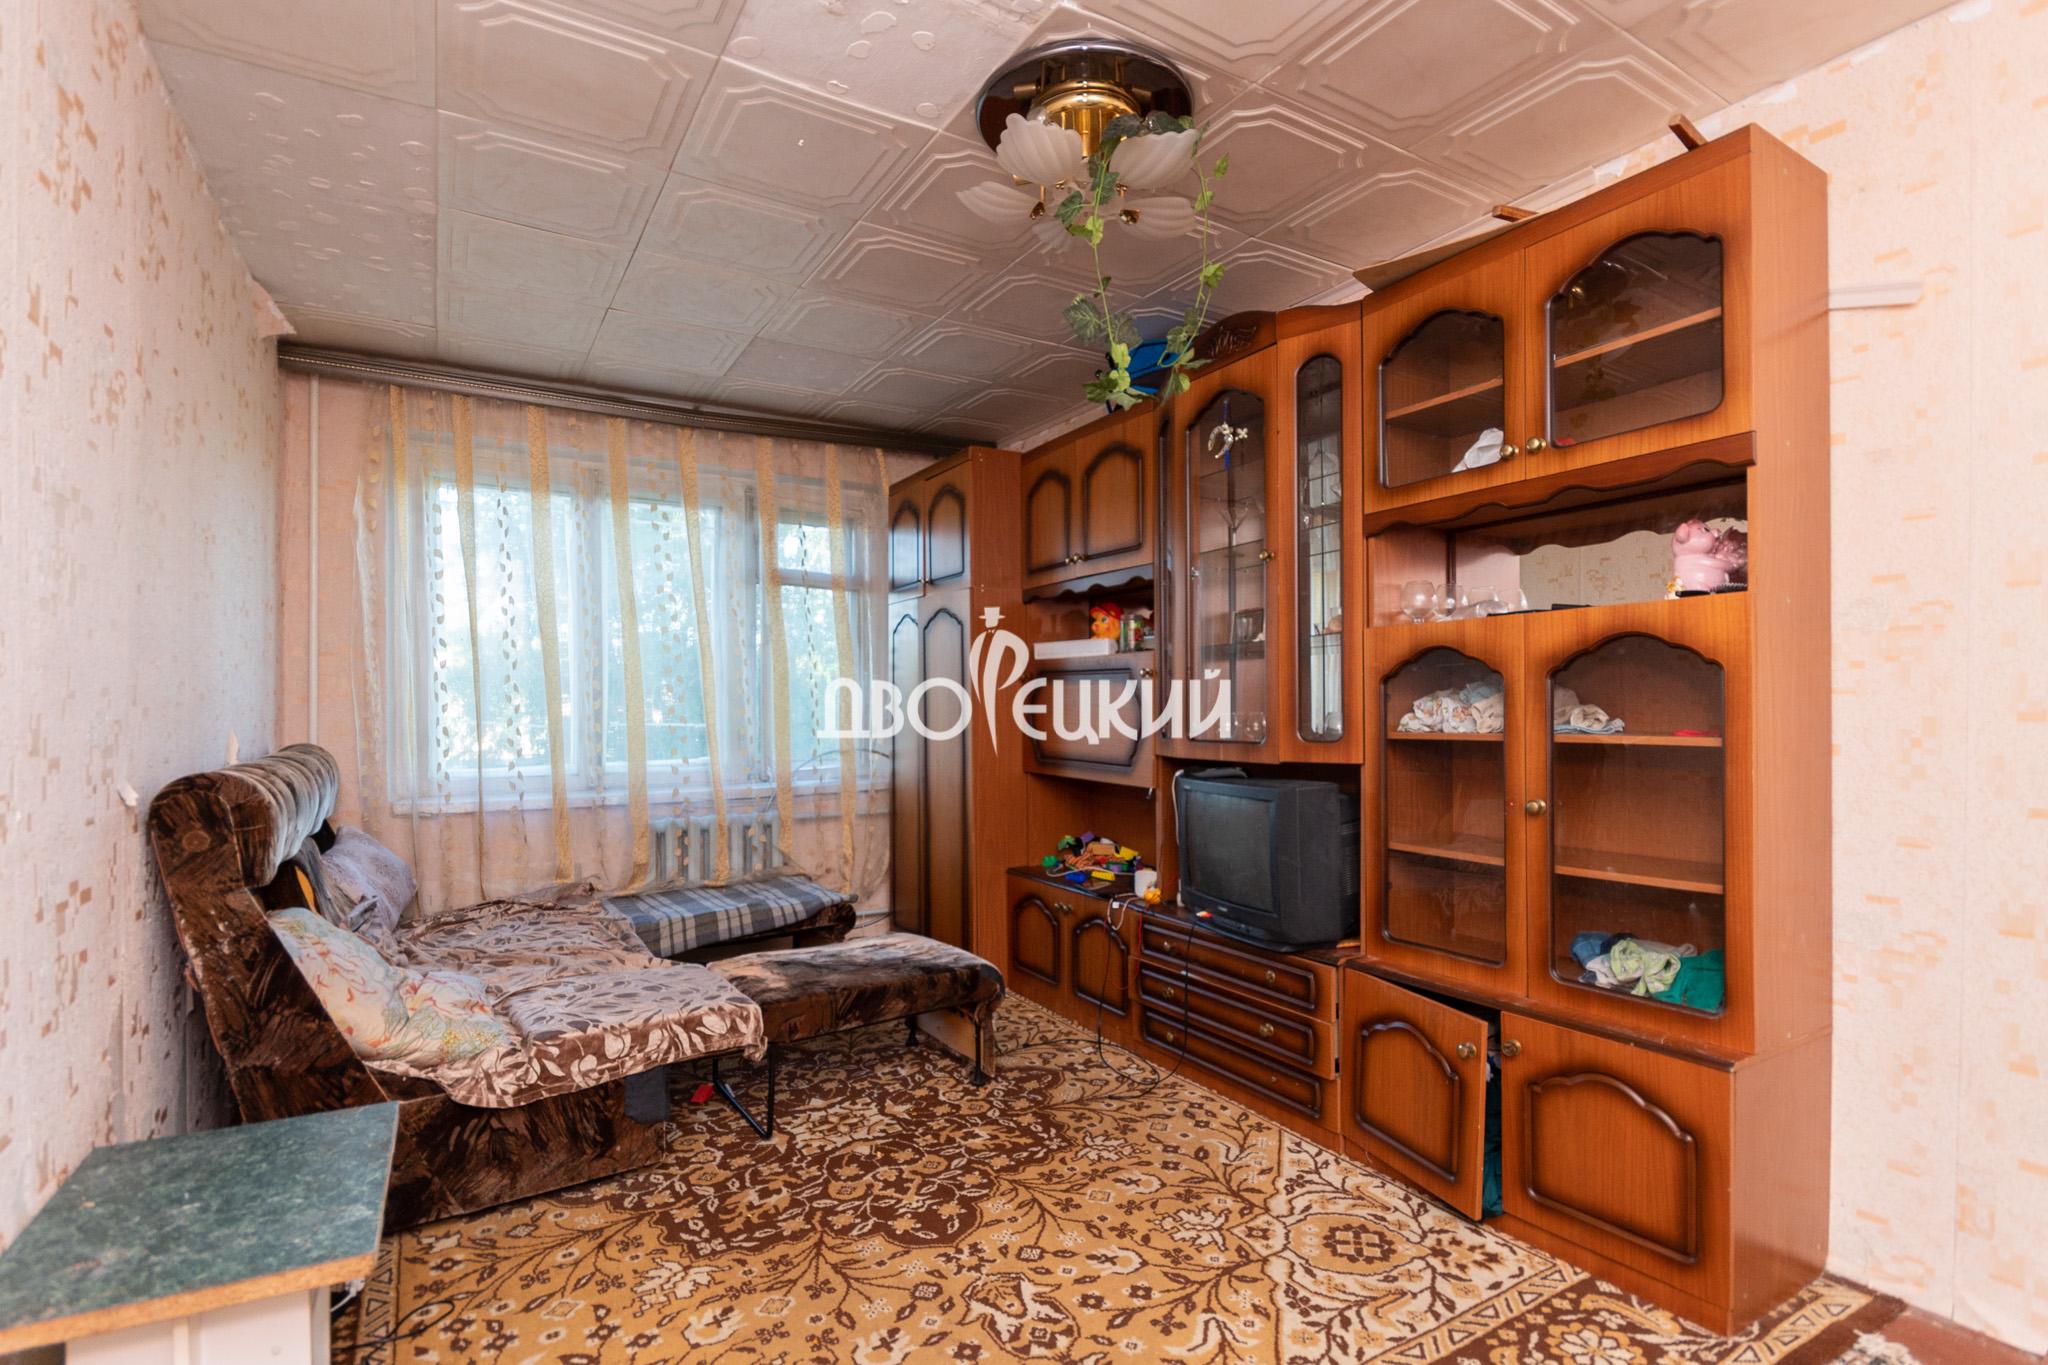 Челябинская область, Челябинск, ул. Байкальская, 35